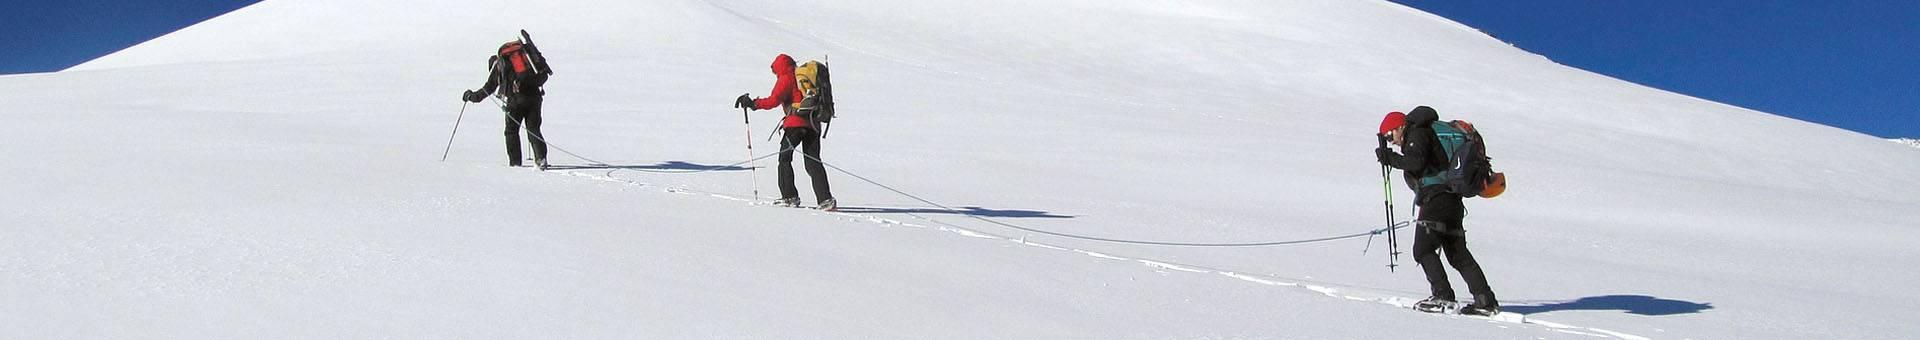 Women's Ski Touring Clothes